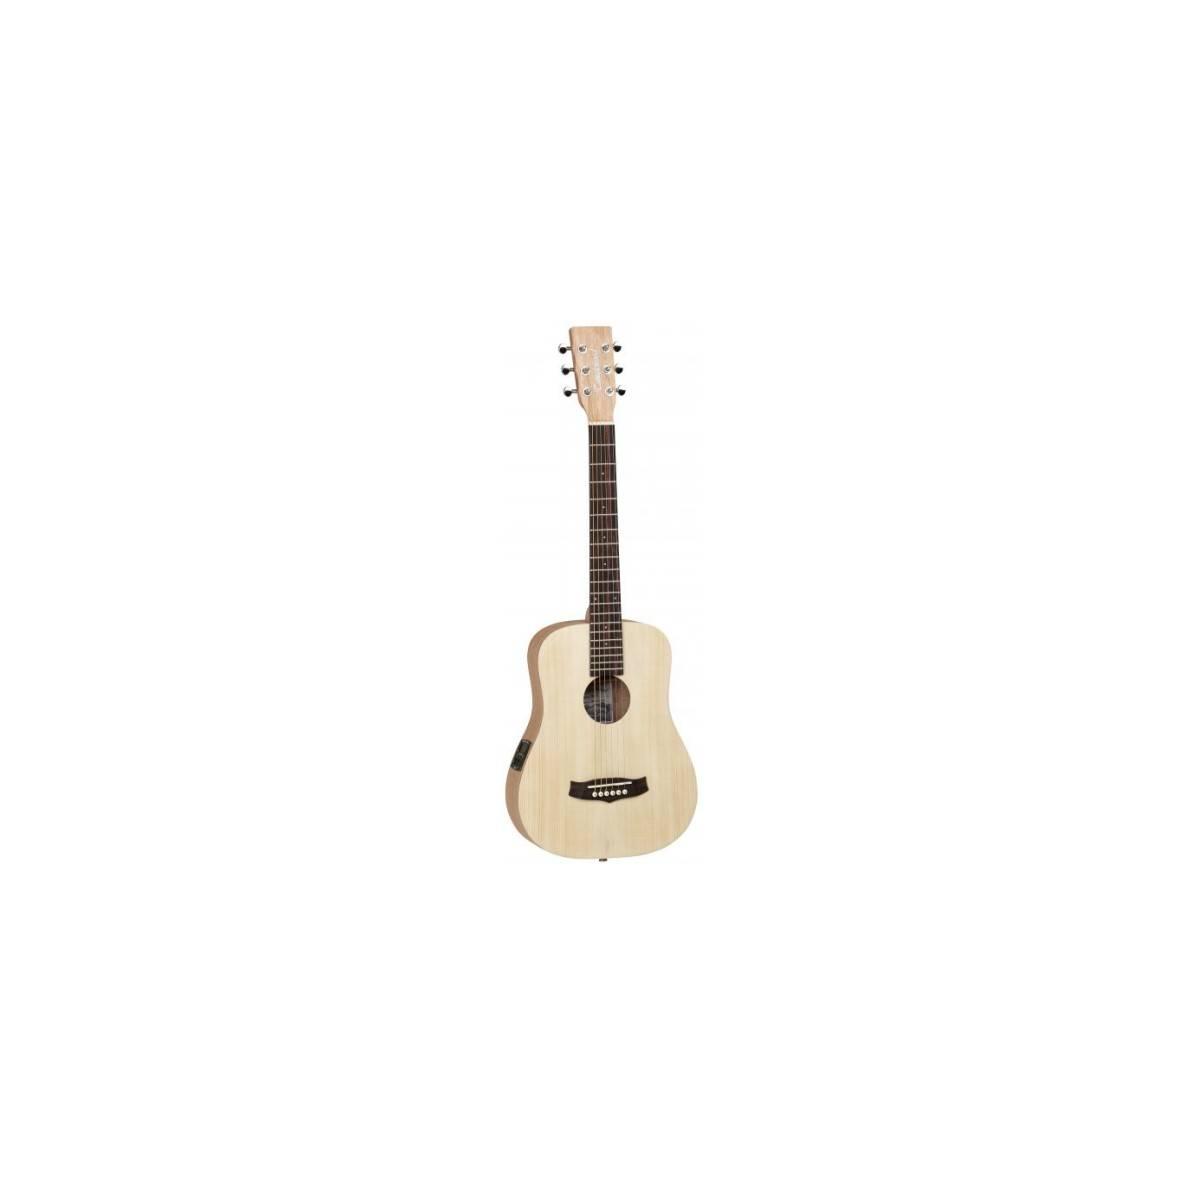 Guitare électro-acoustique Roadster Folk de voyage Tanglewood TWRTE